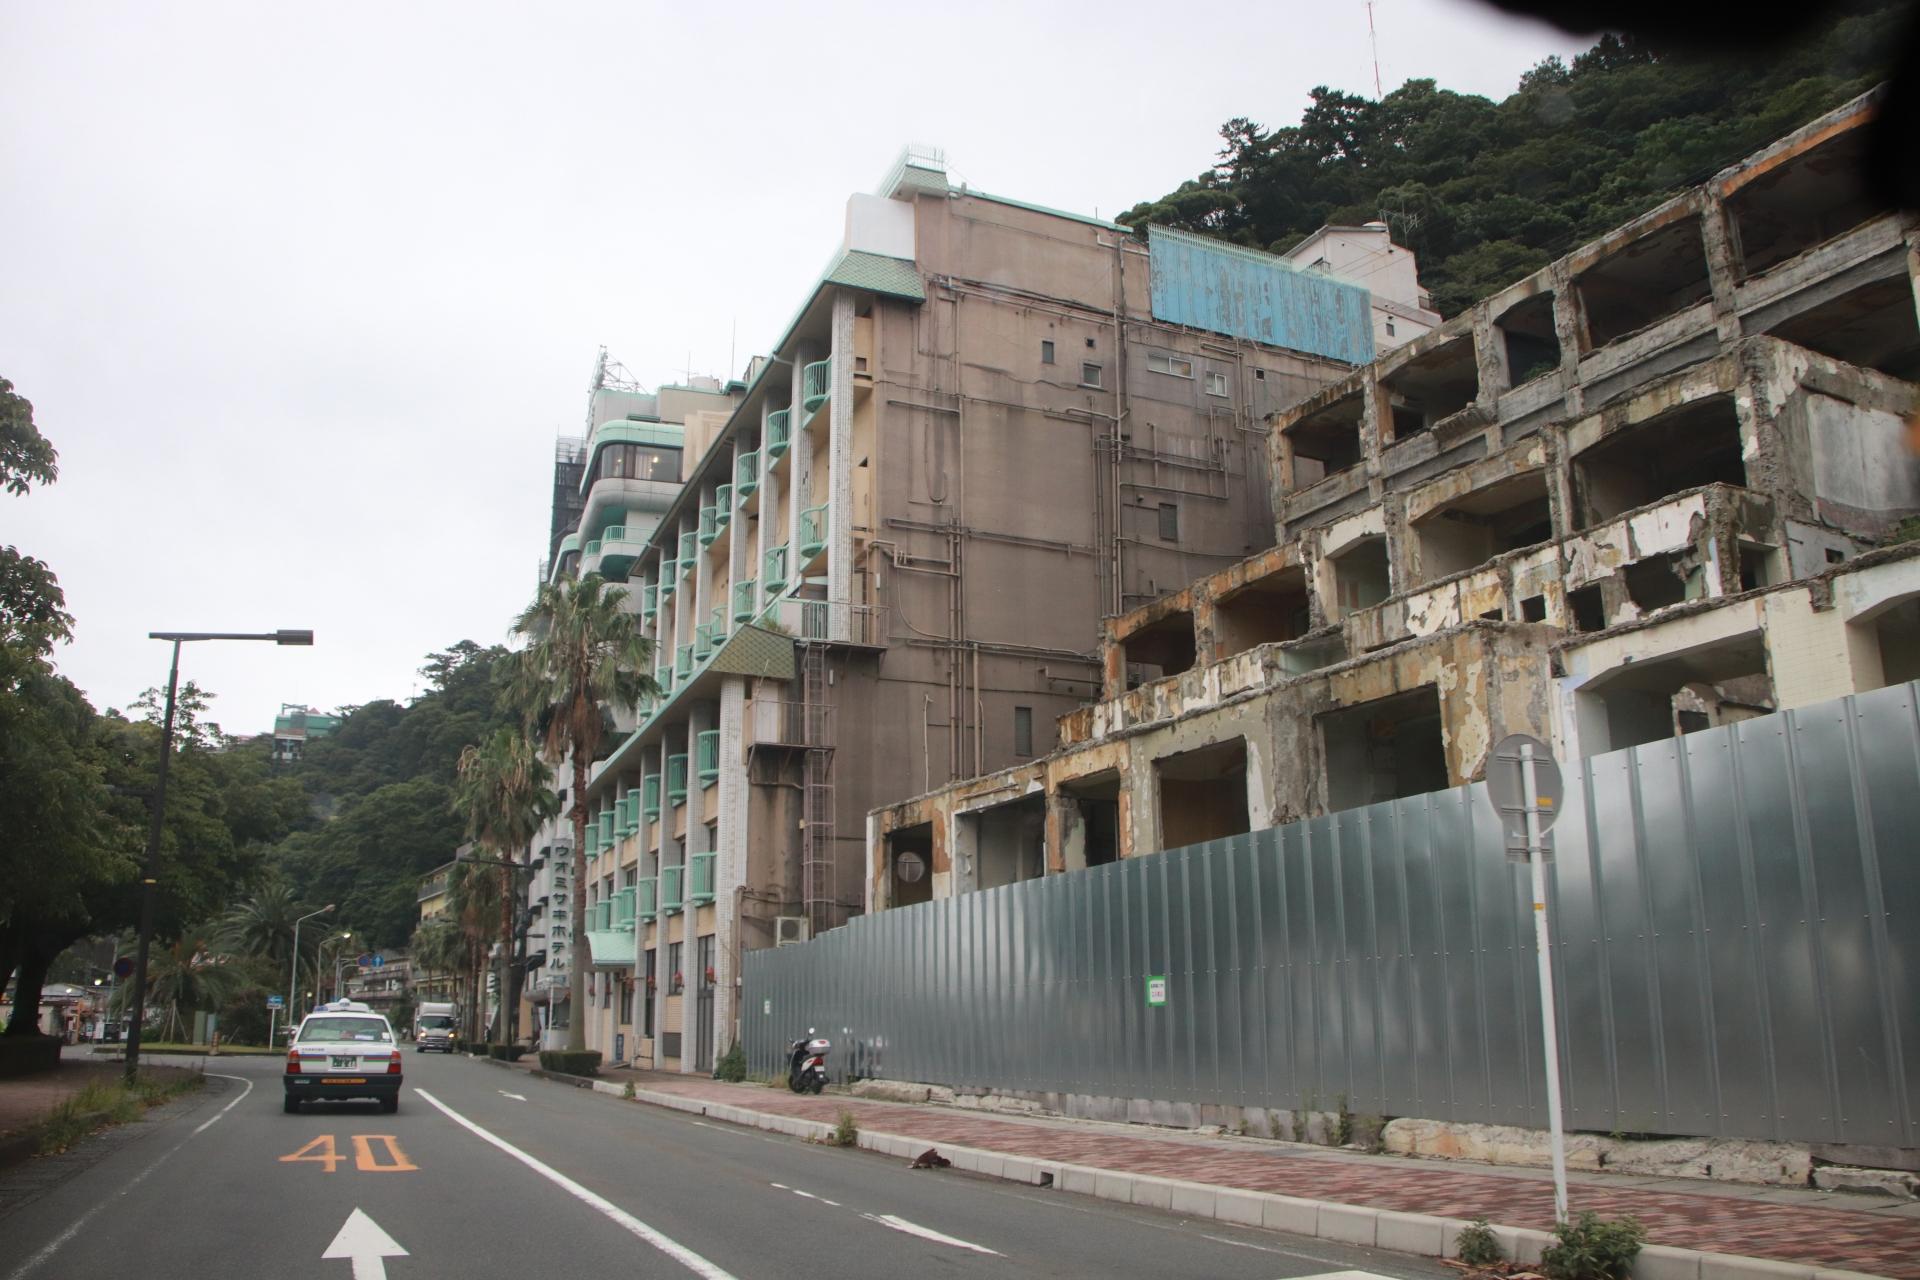 伊豆・熱海港付近のホテル街が廃墟なんですよ!